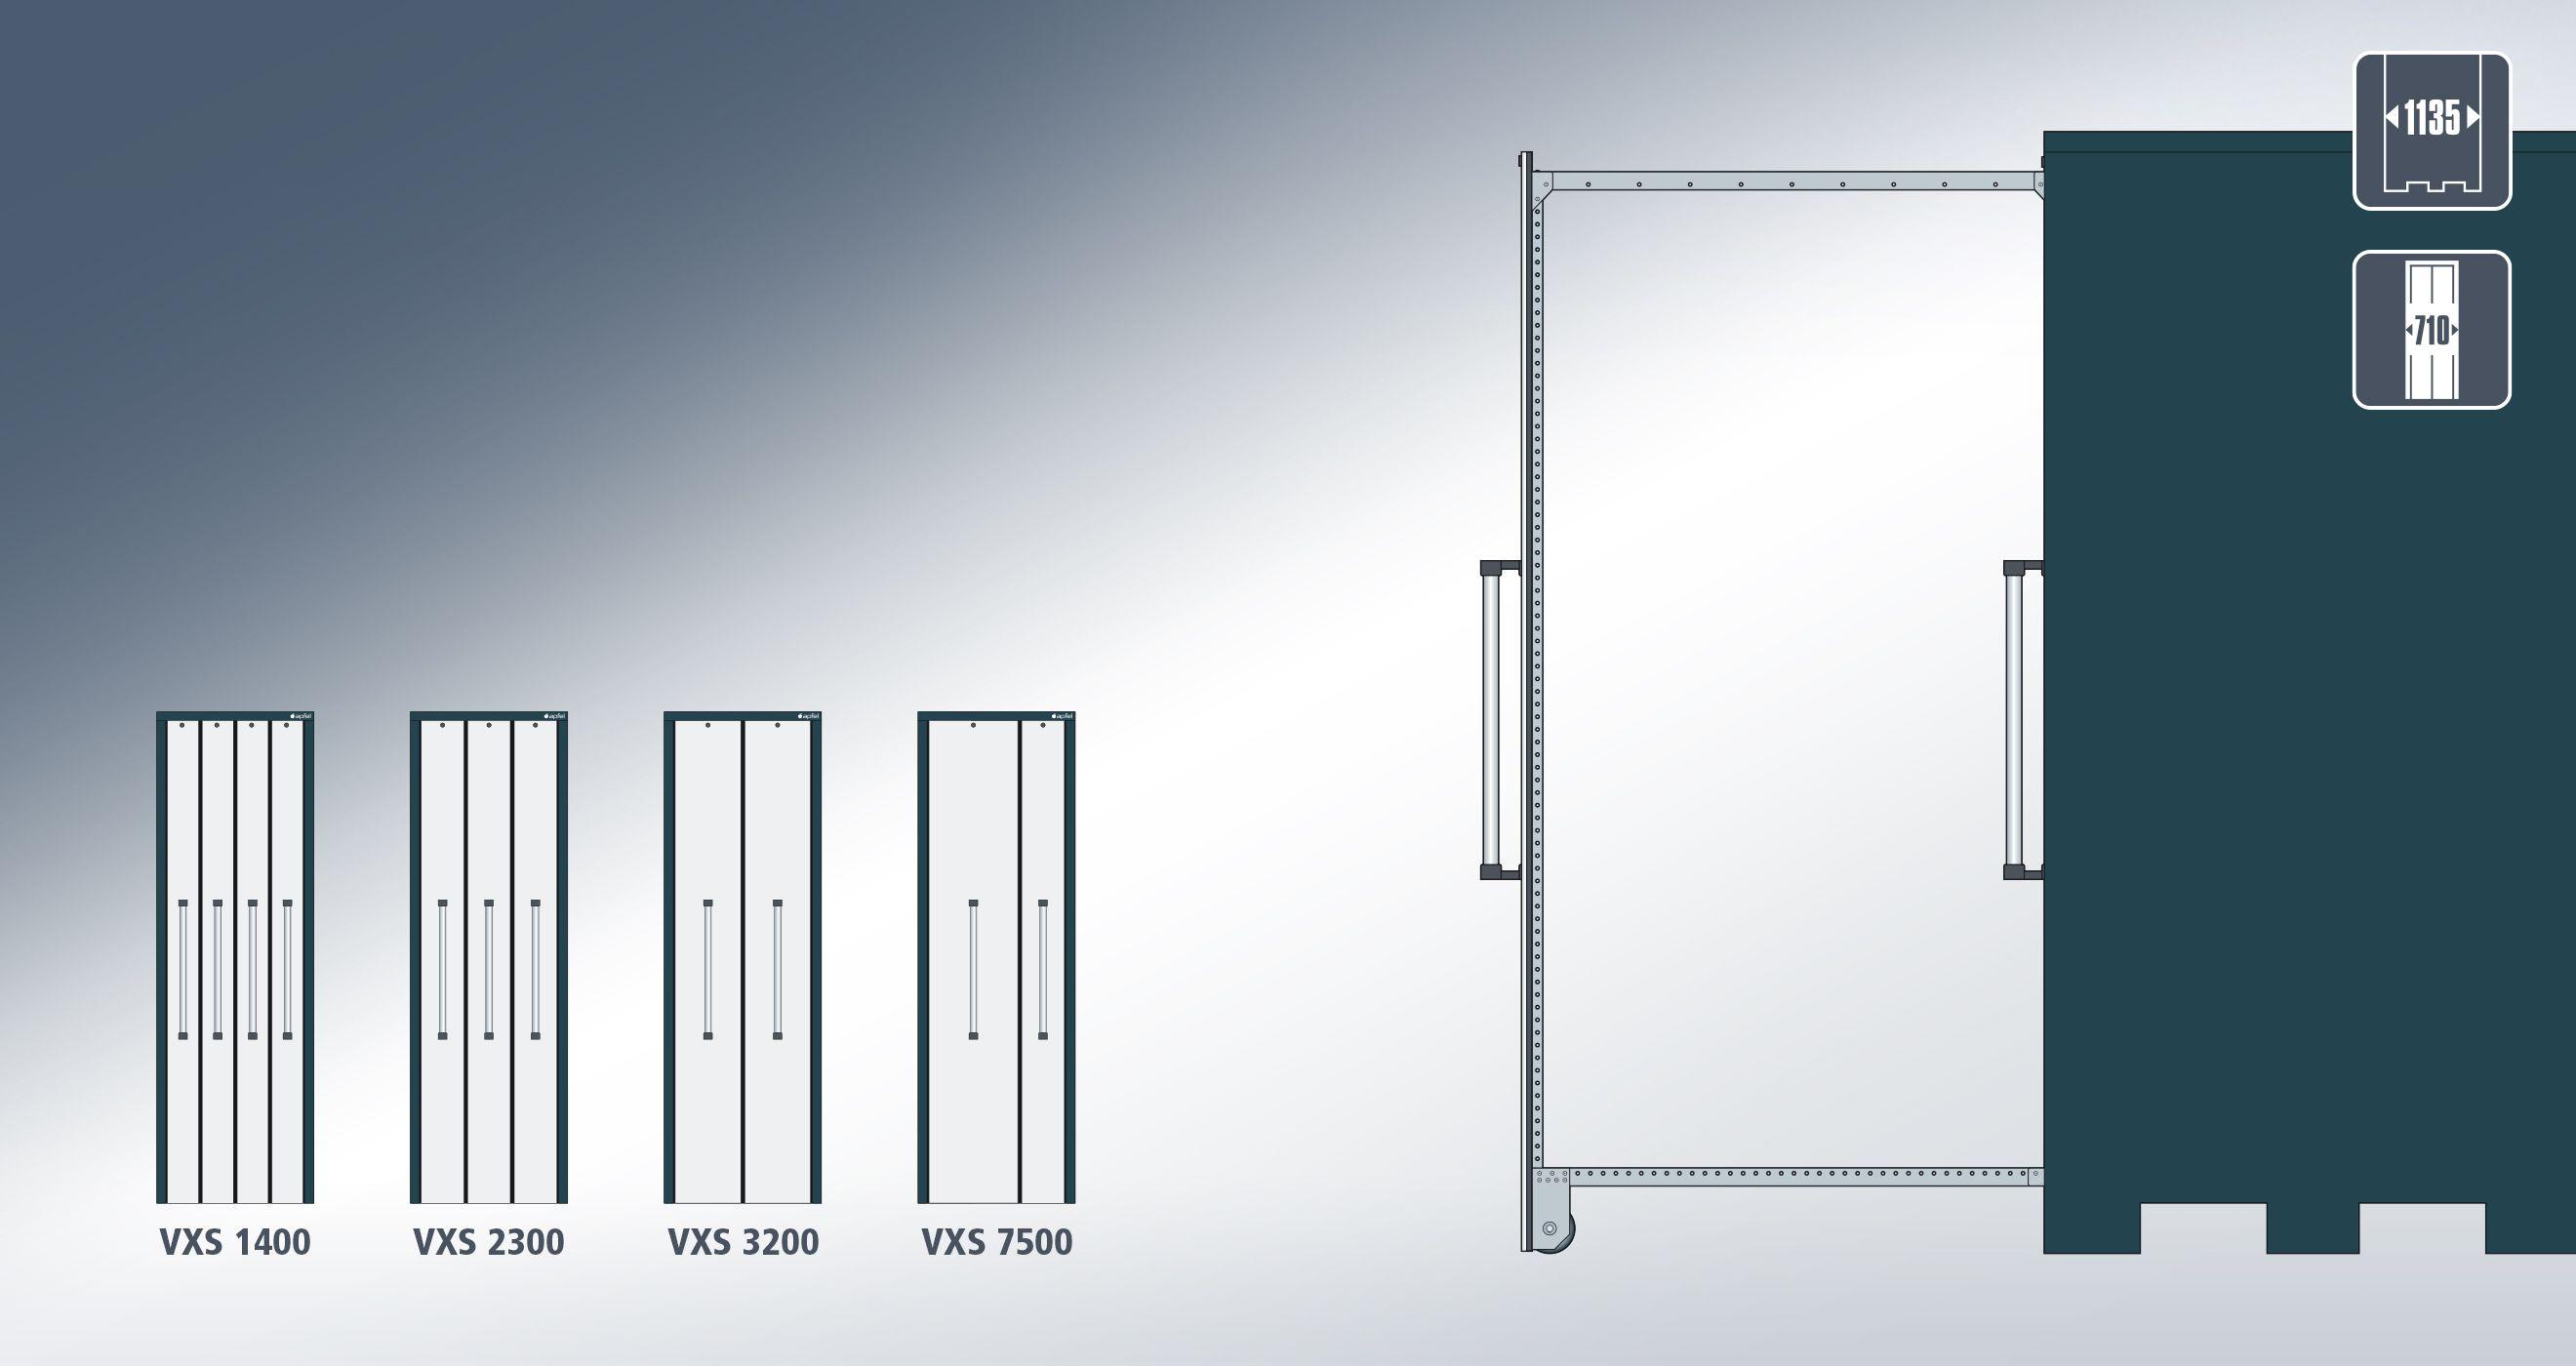 710mm l - Apfel GmbH